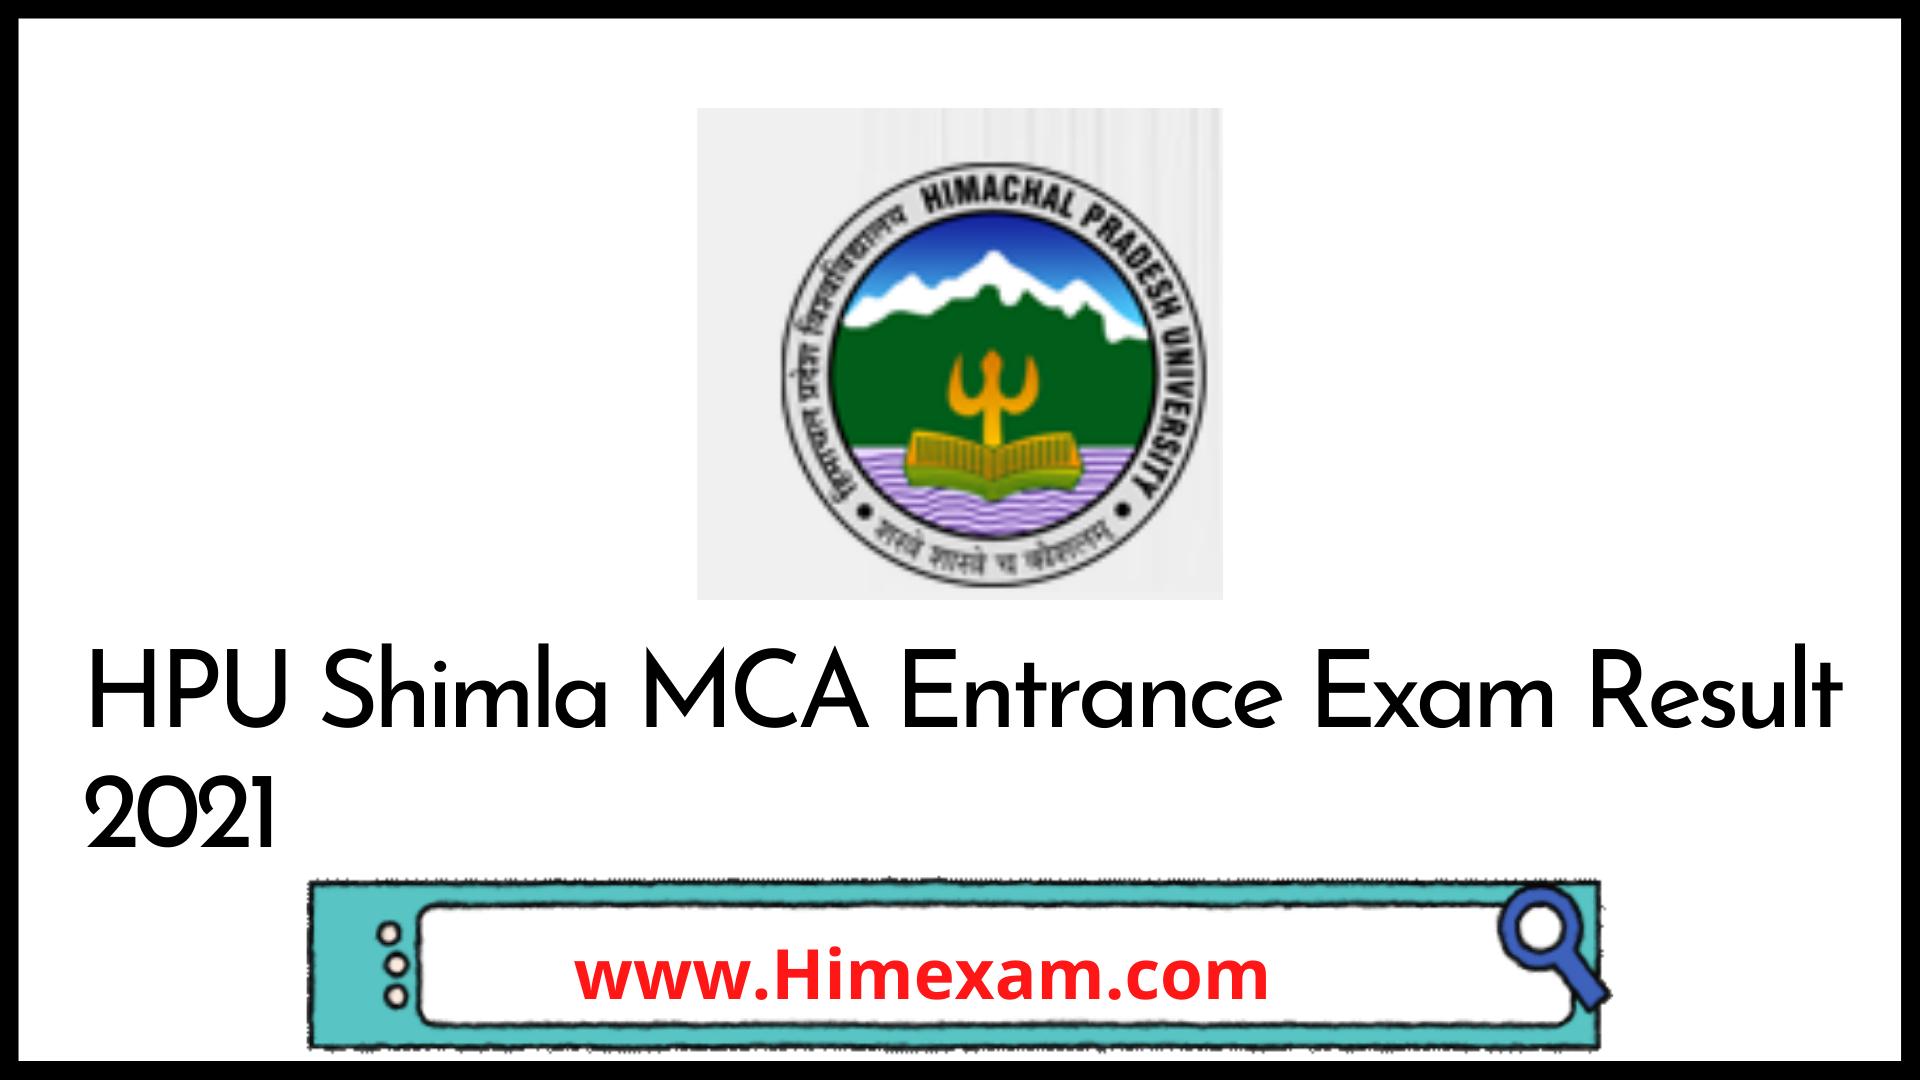 HPU Shimla MCA Entrance Exam Result 2021